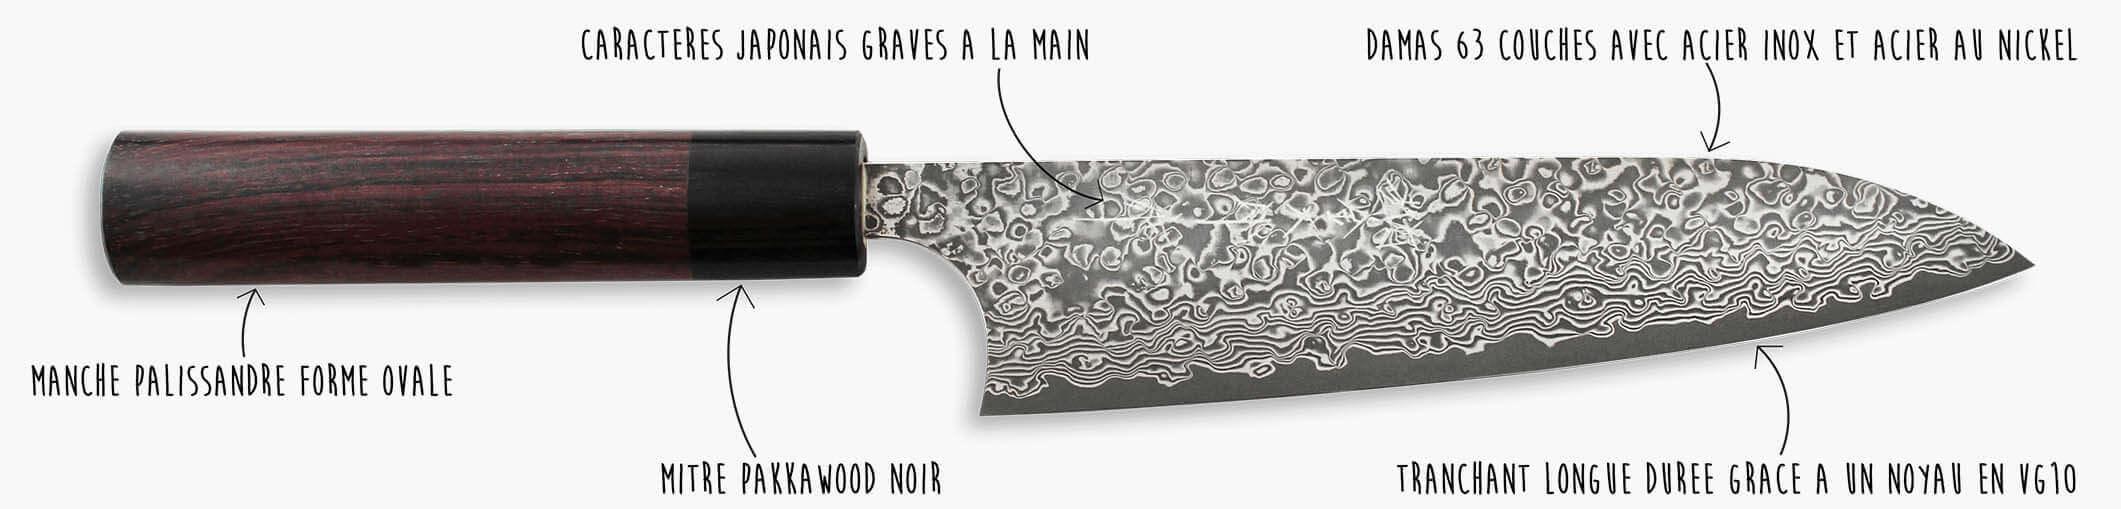 Schéma d'un couteau Yoshimi Kato